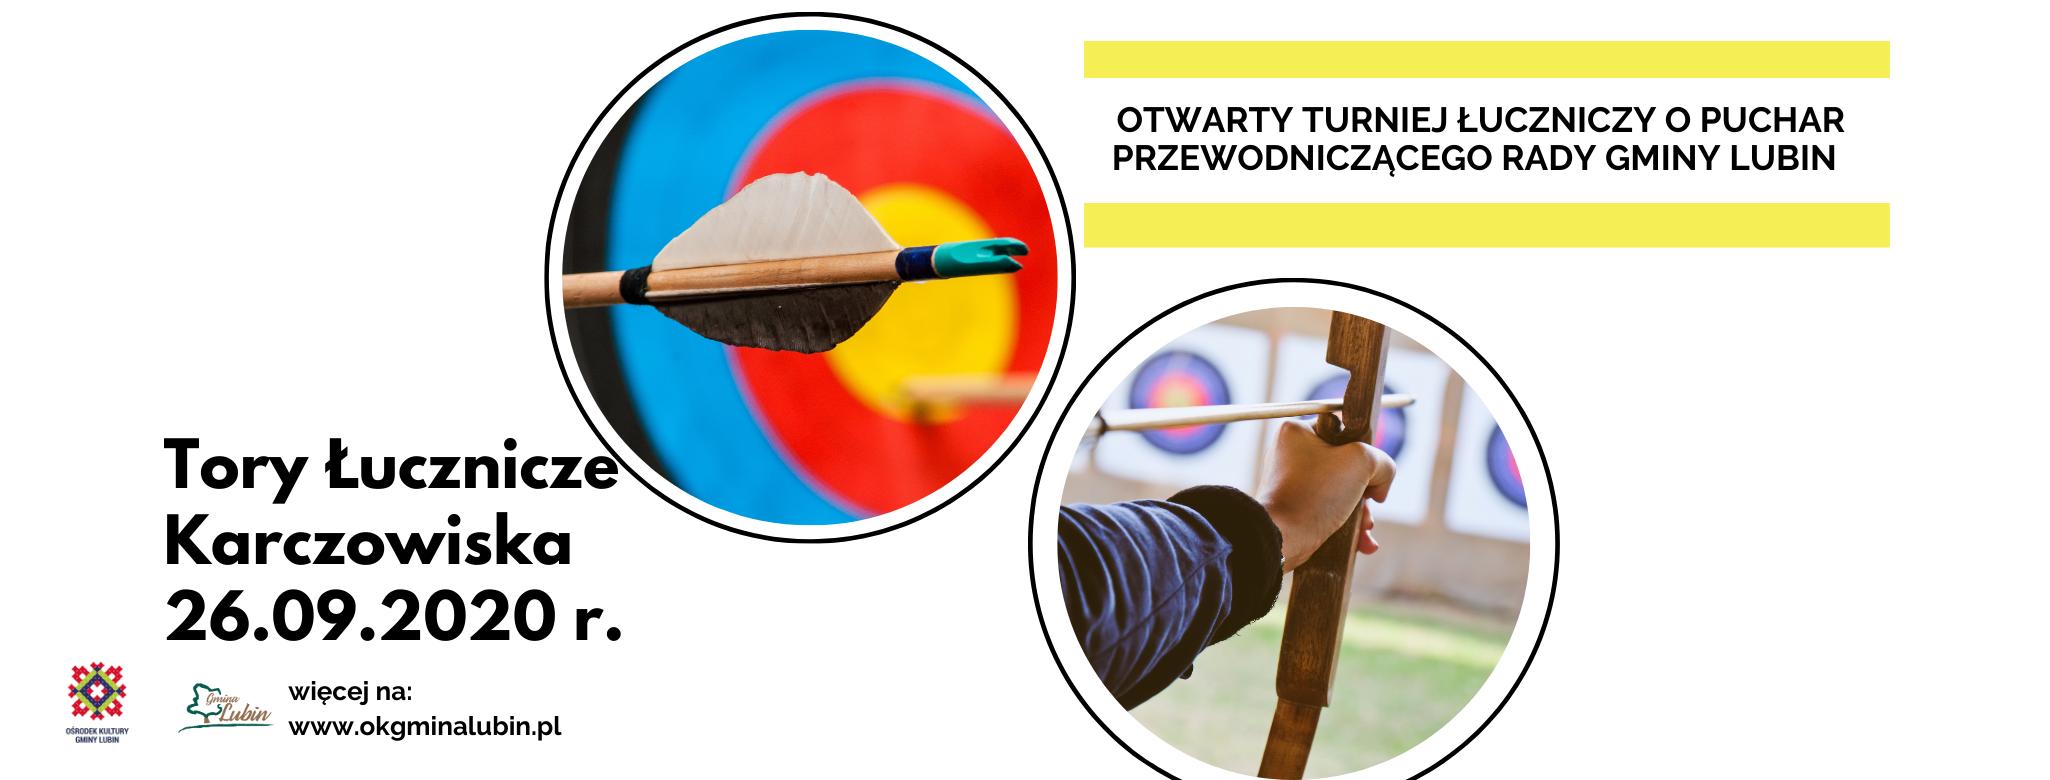 Turniej Łuczniczy